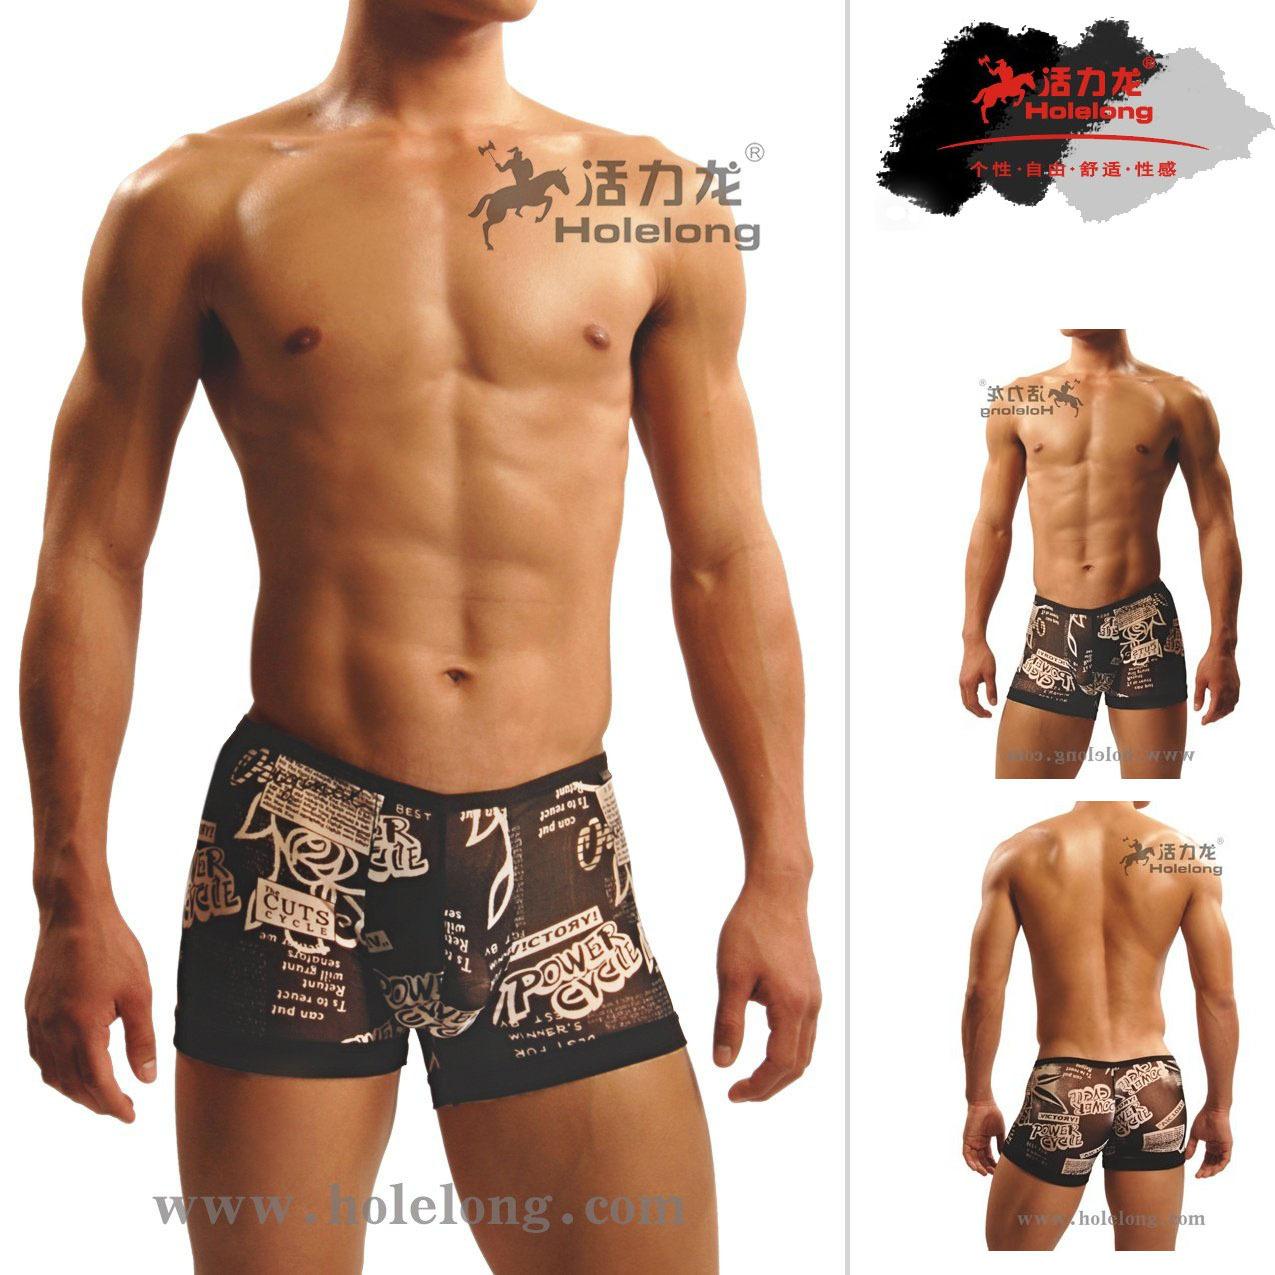 Трусы Vitality of Long hcpw017 Для молодых мужчин Нейлон Боксеры Сетка Надпись U-образный дизайн